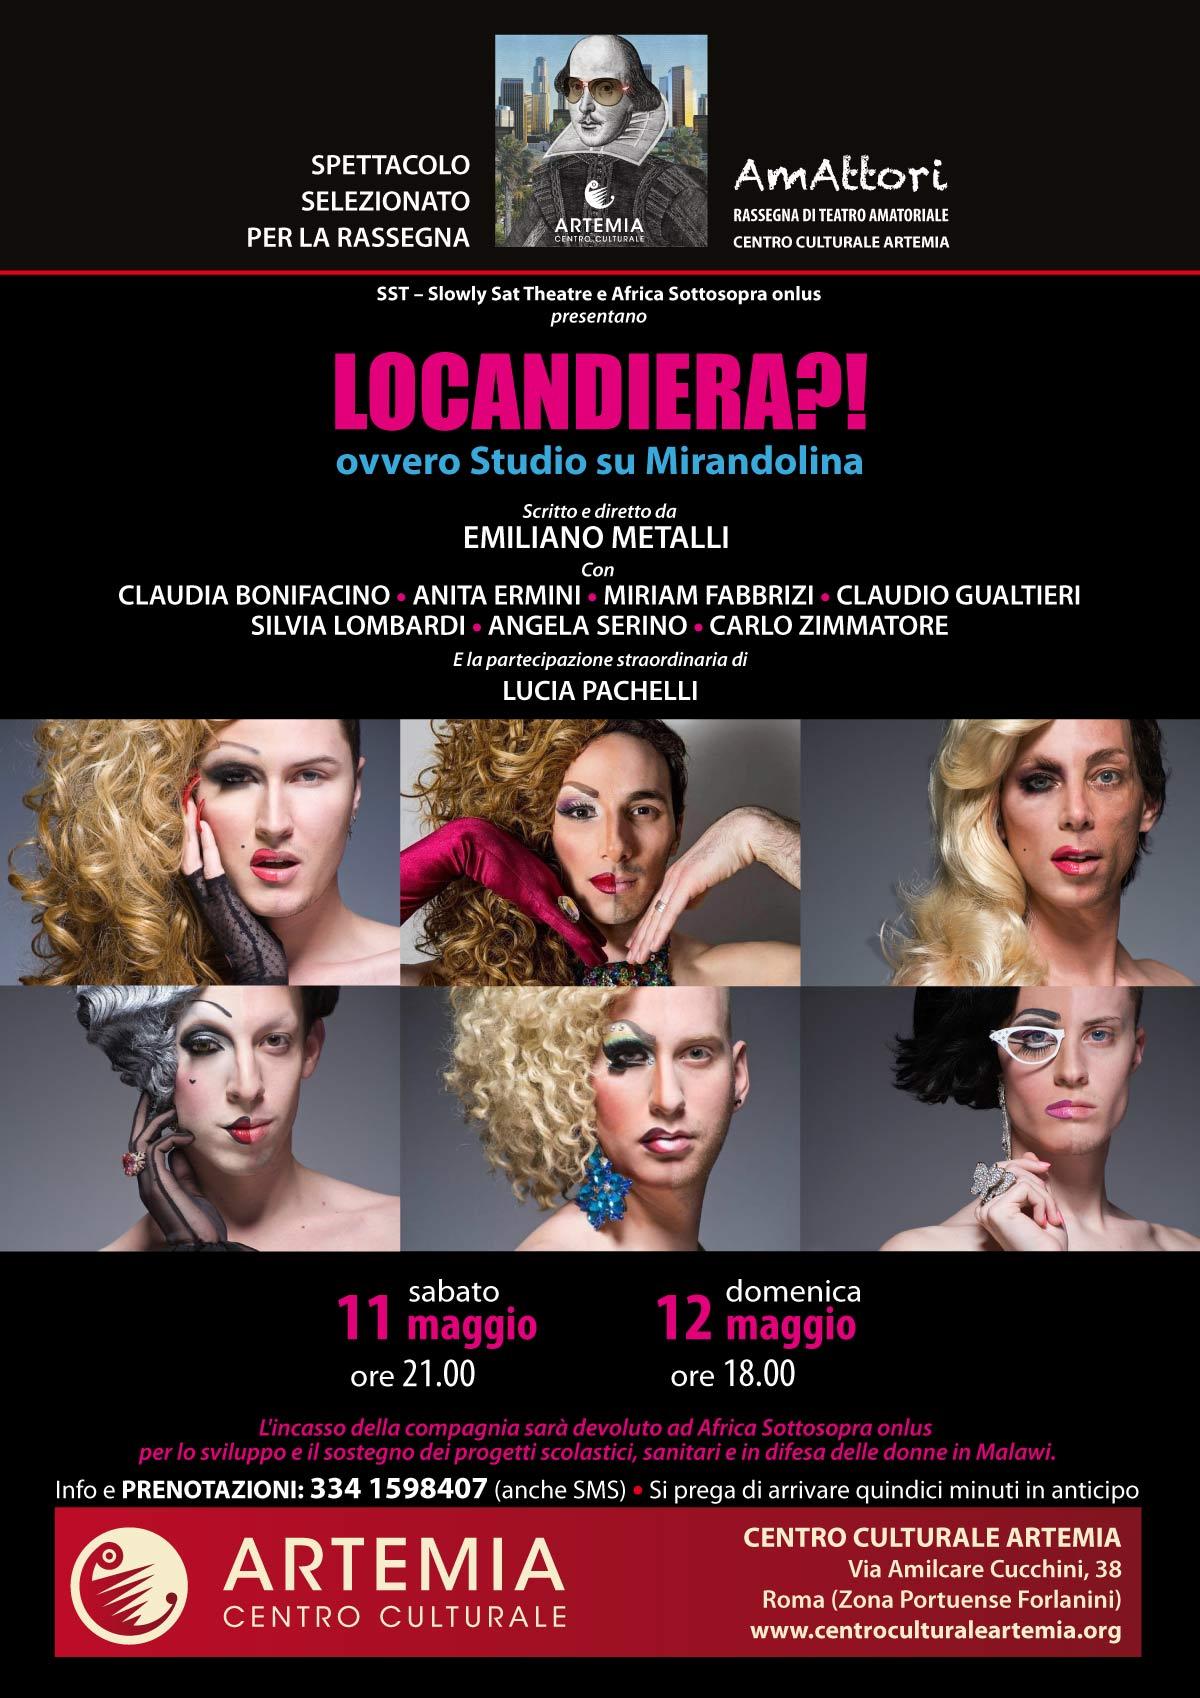 Locandiera?! ovvero Studio su Mirandolina